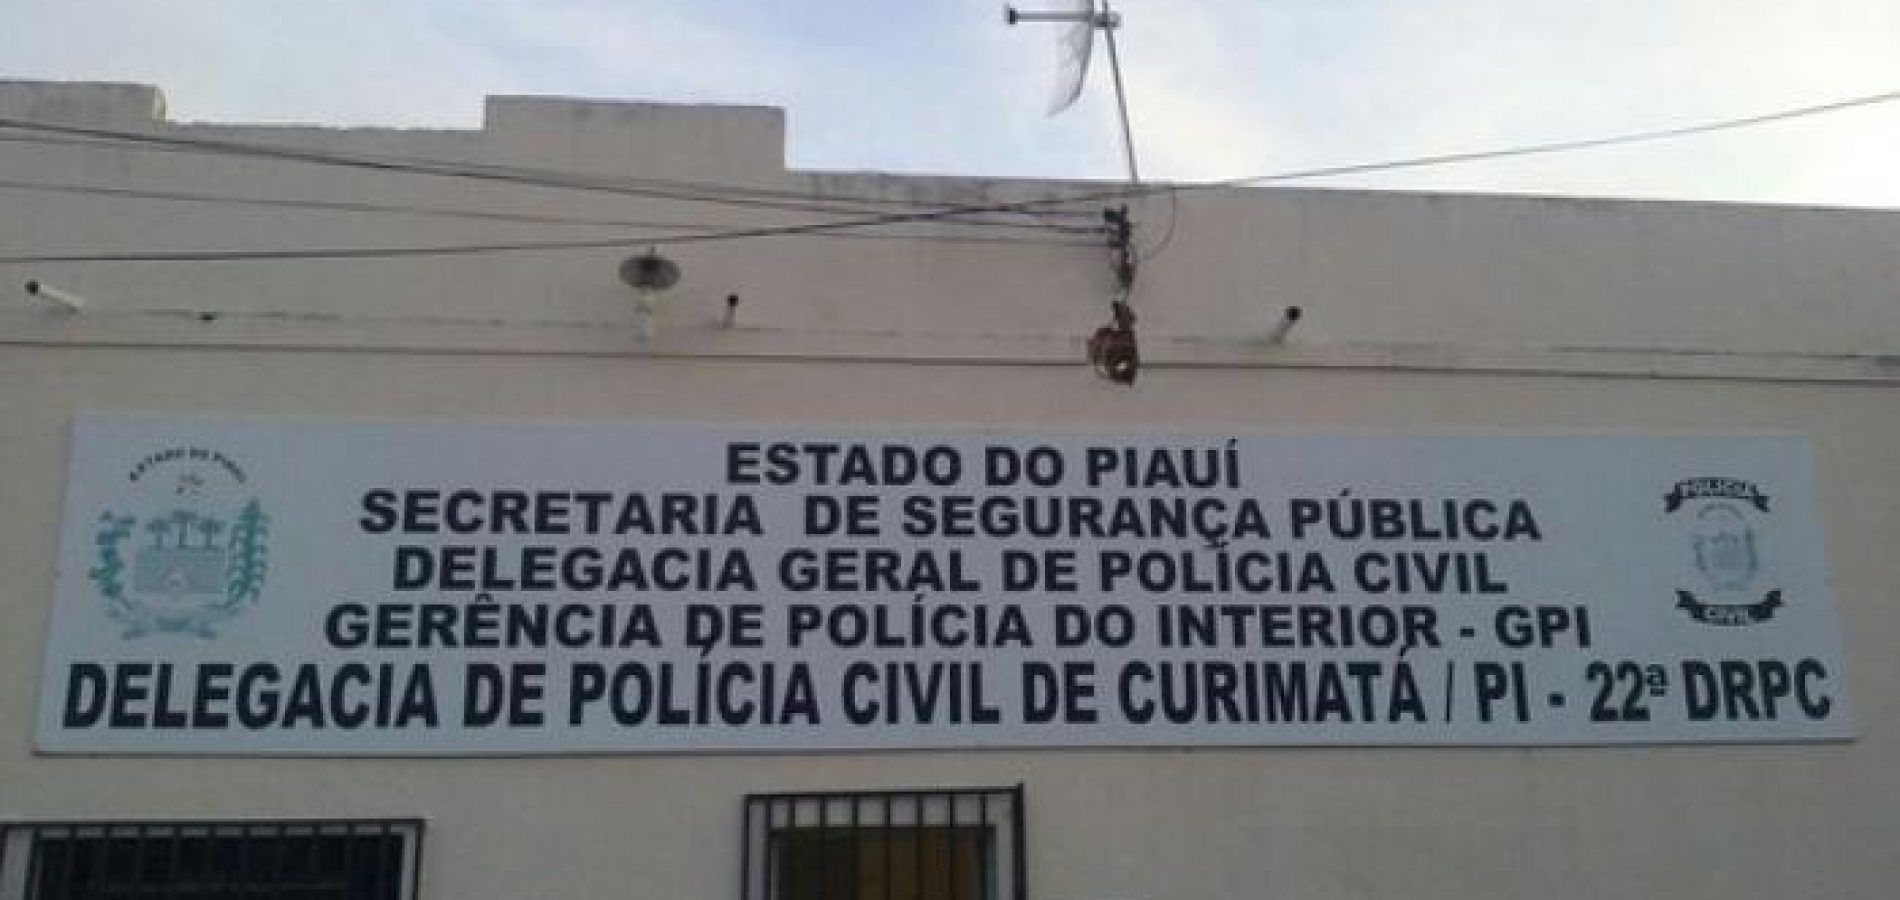 Bandidos desafiam a polícia e roubam Delegacia da Polícia Civil no interior do Piauí